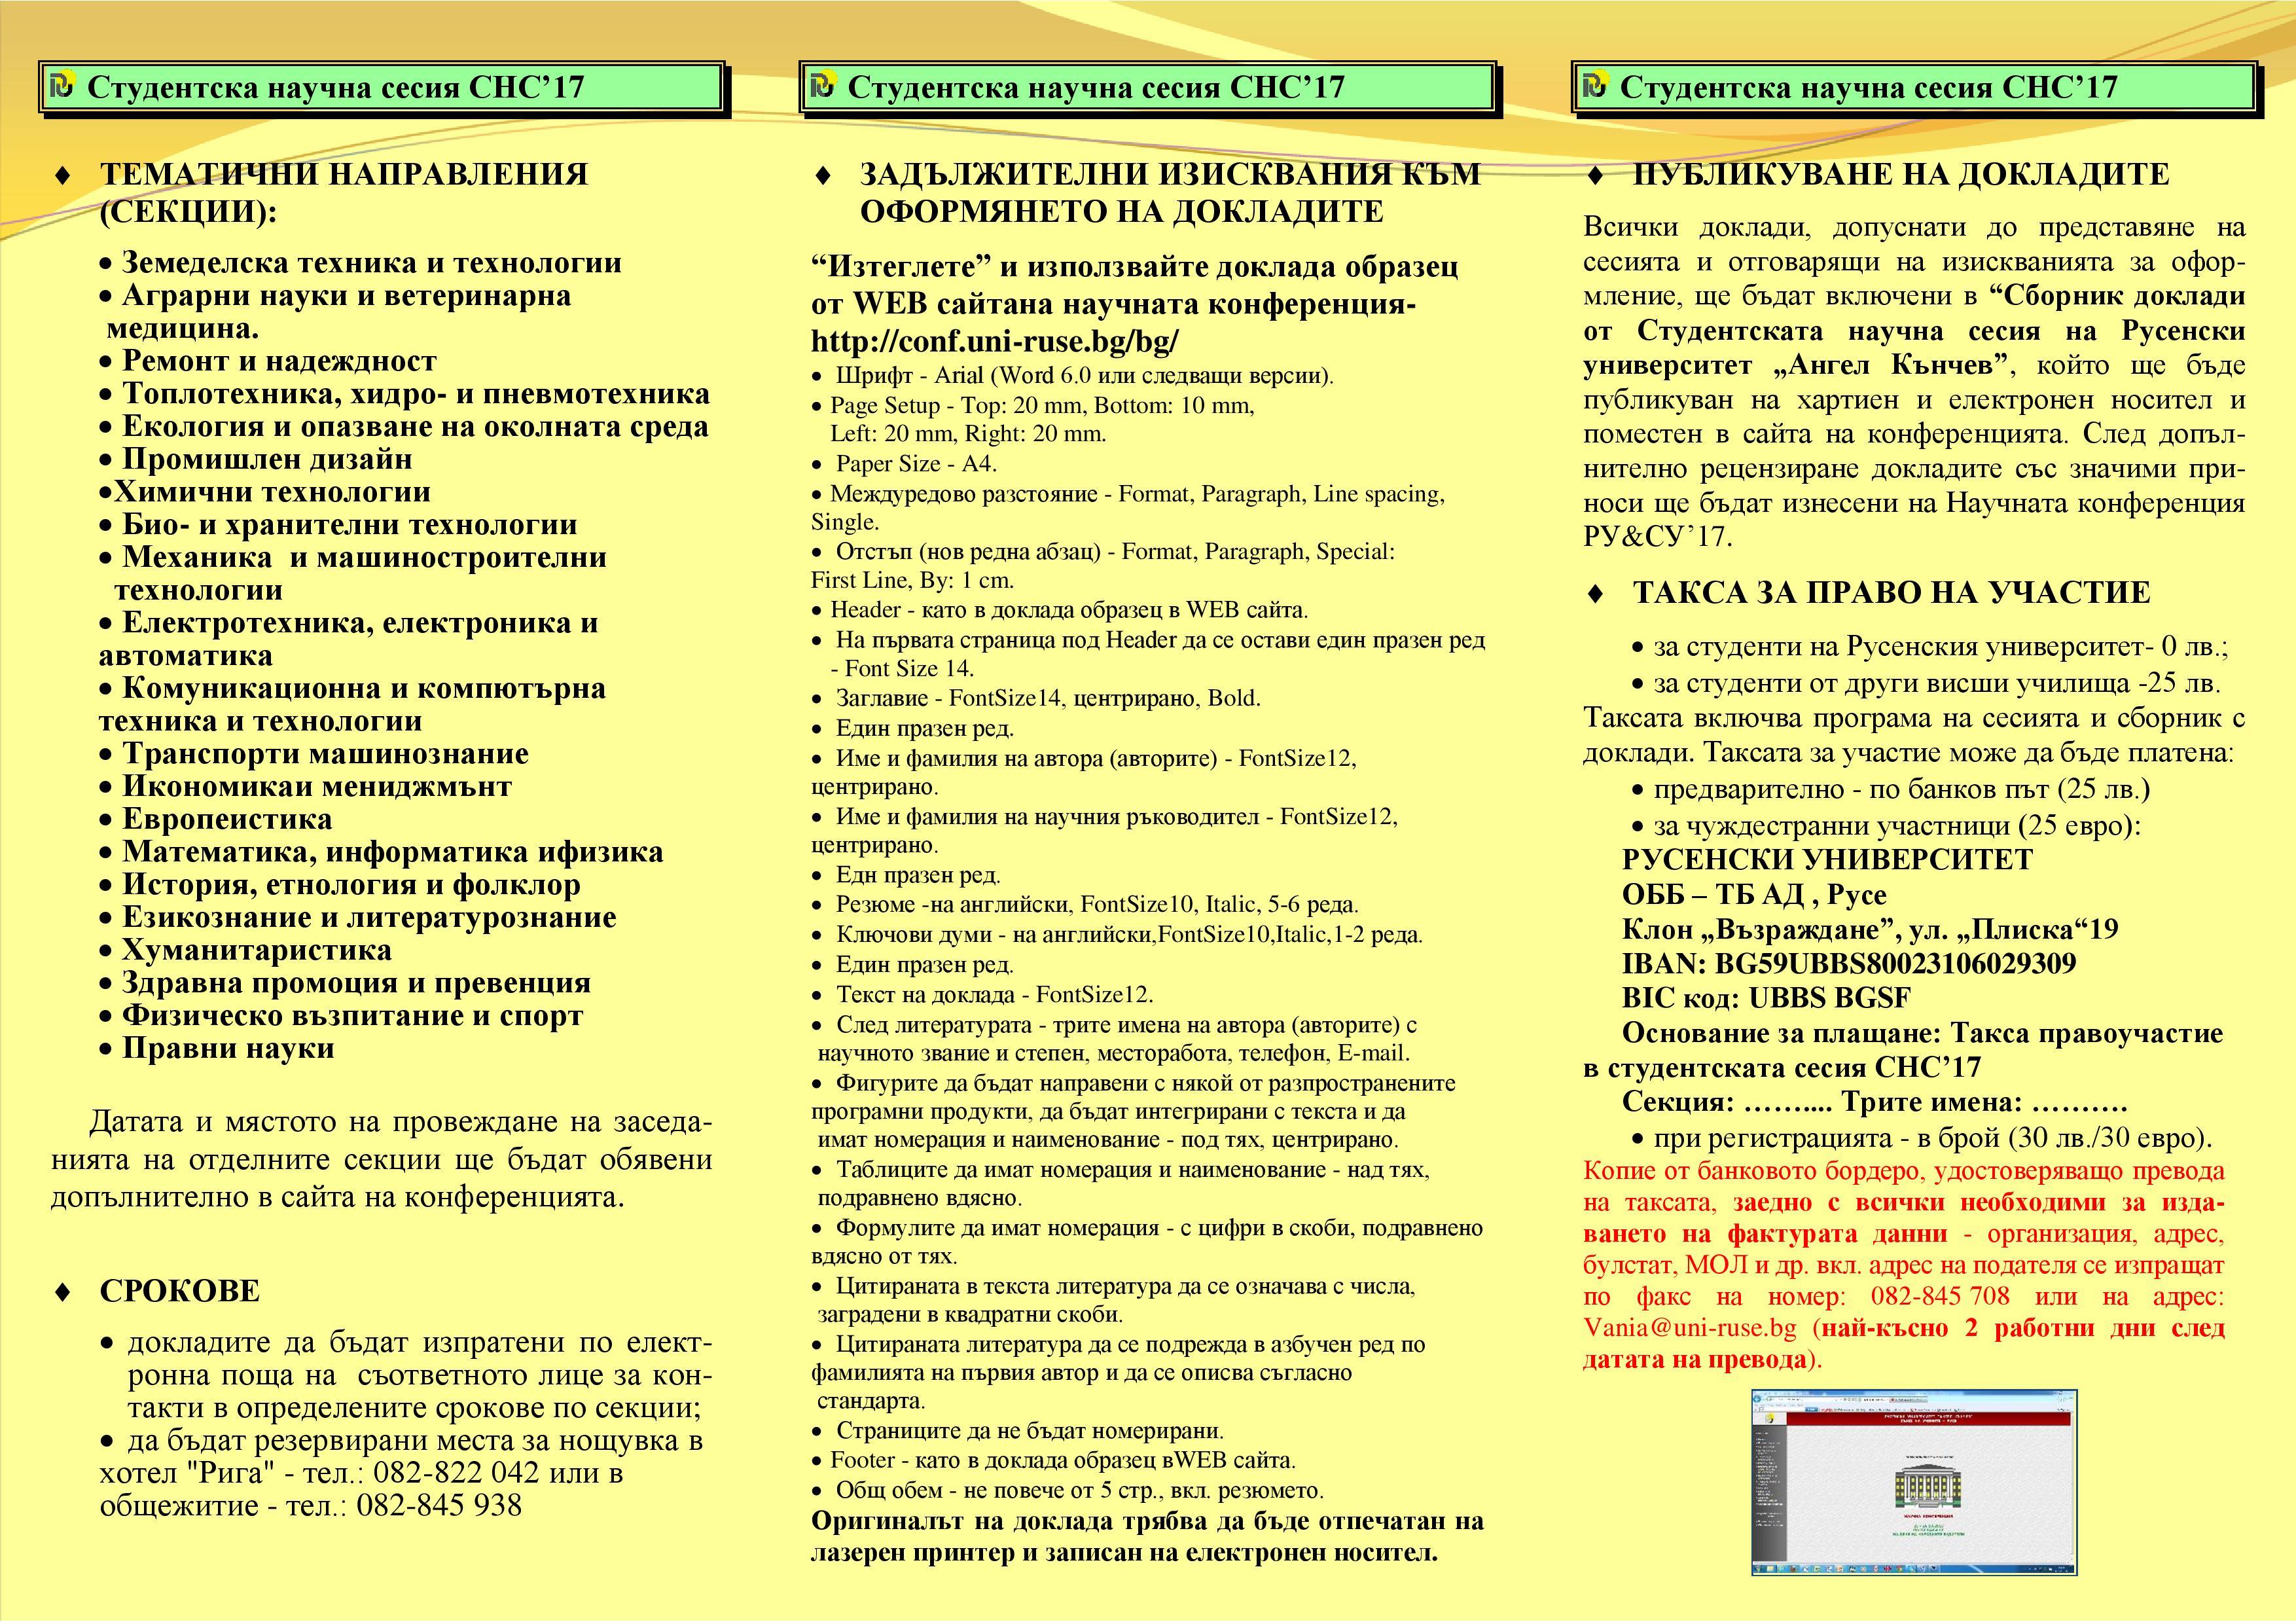 Научна сесия за студенти и докторанти в Русенския университет 2017